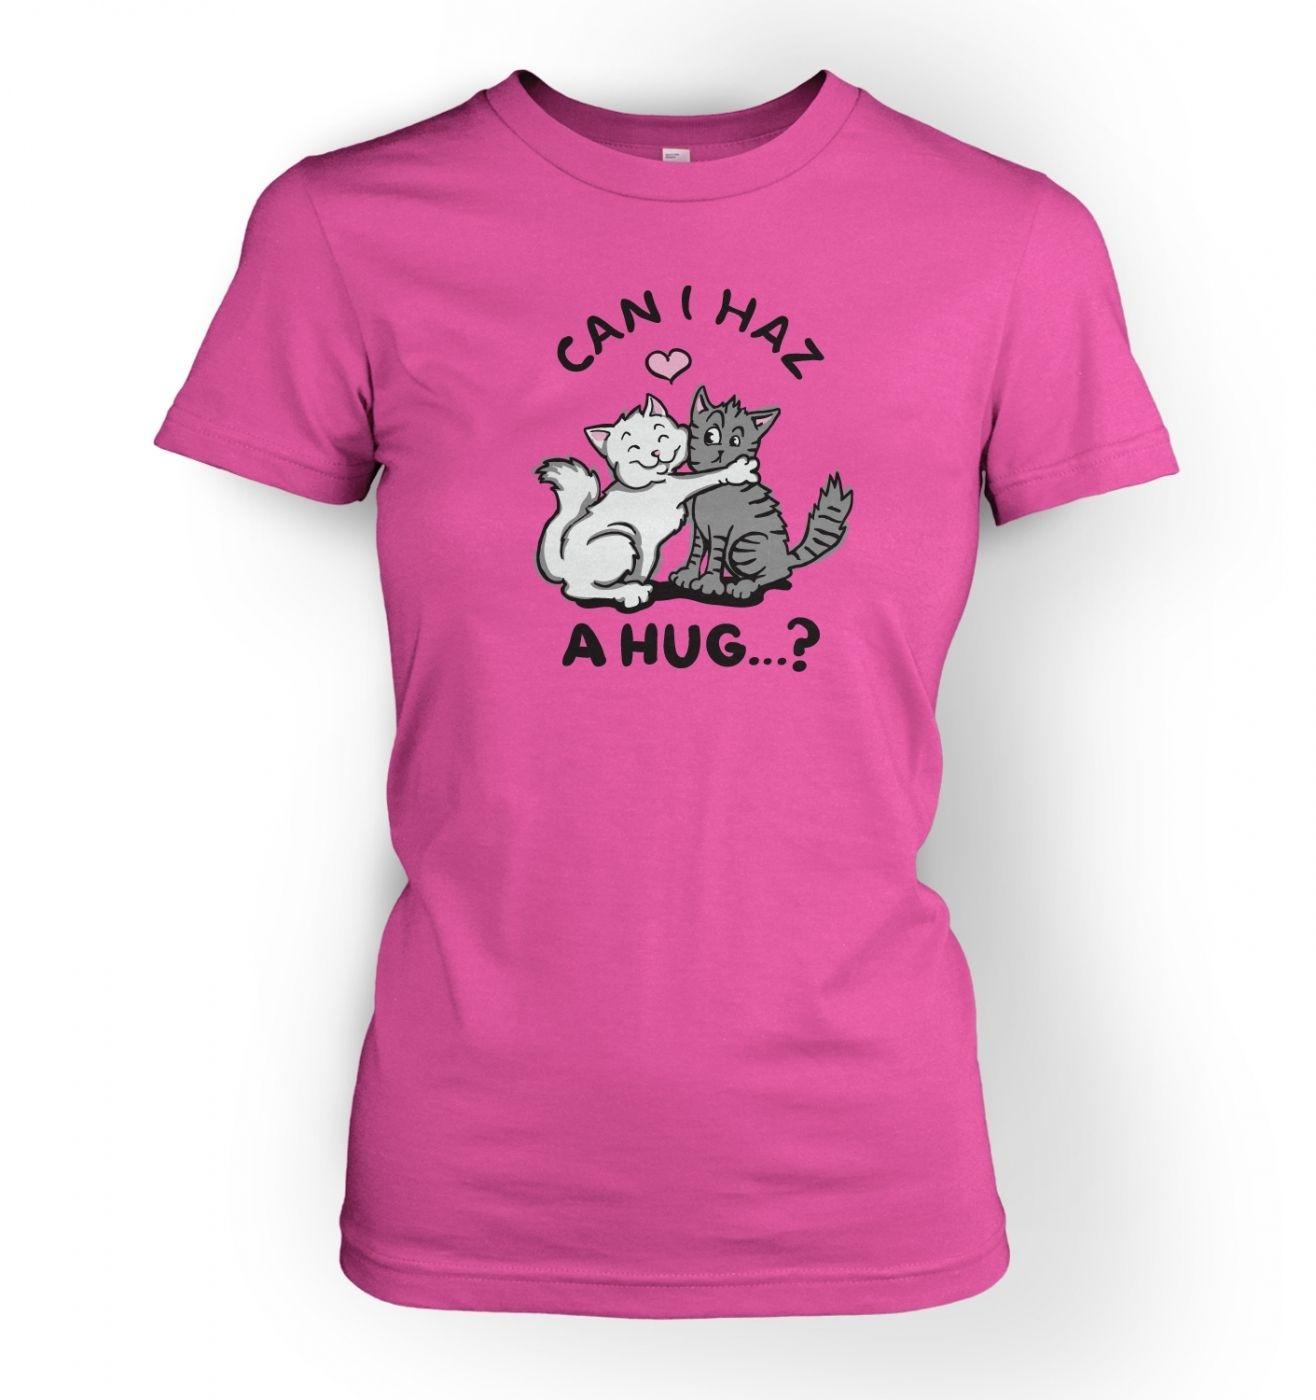 Women's lolcat hugz t-shirt